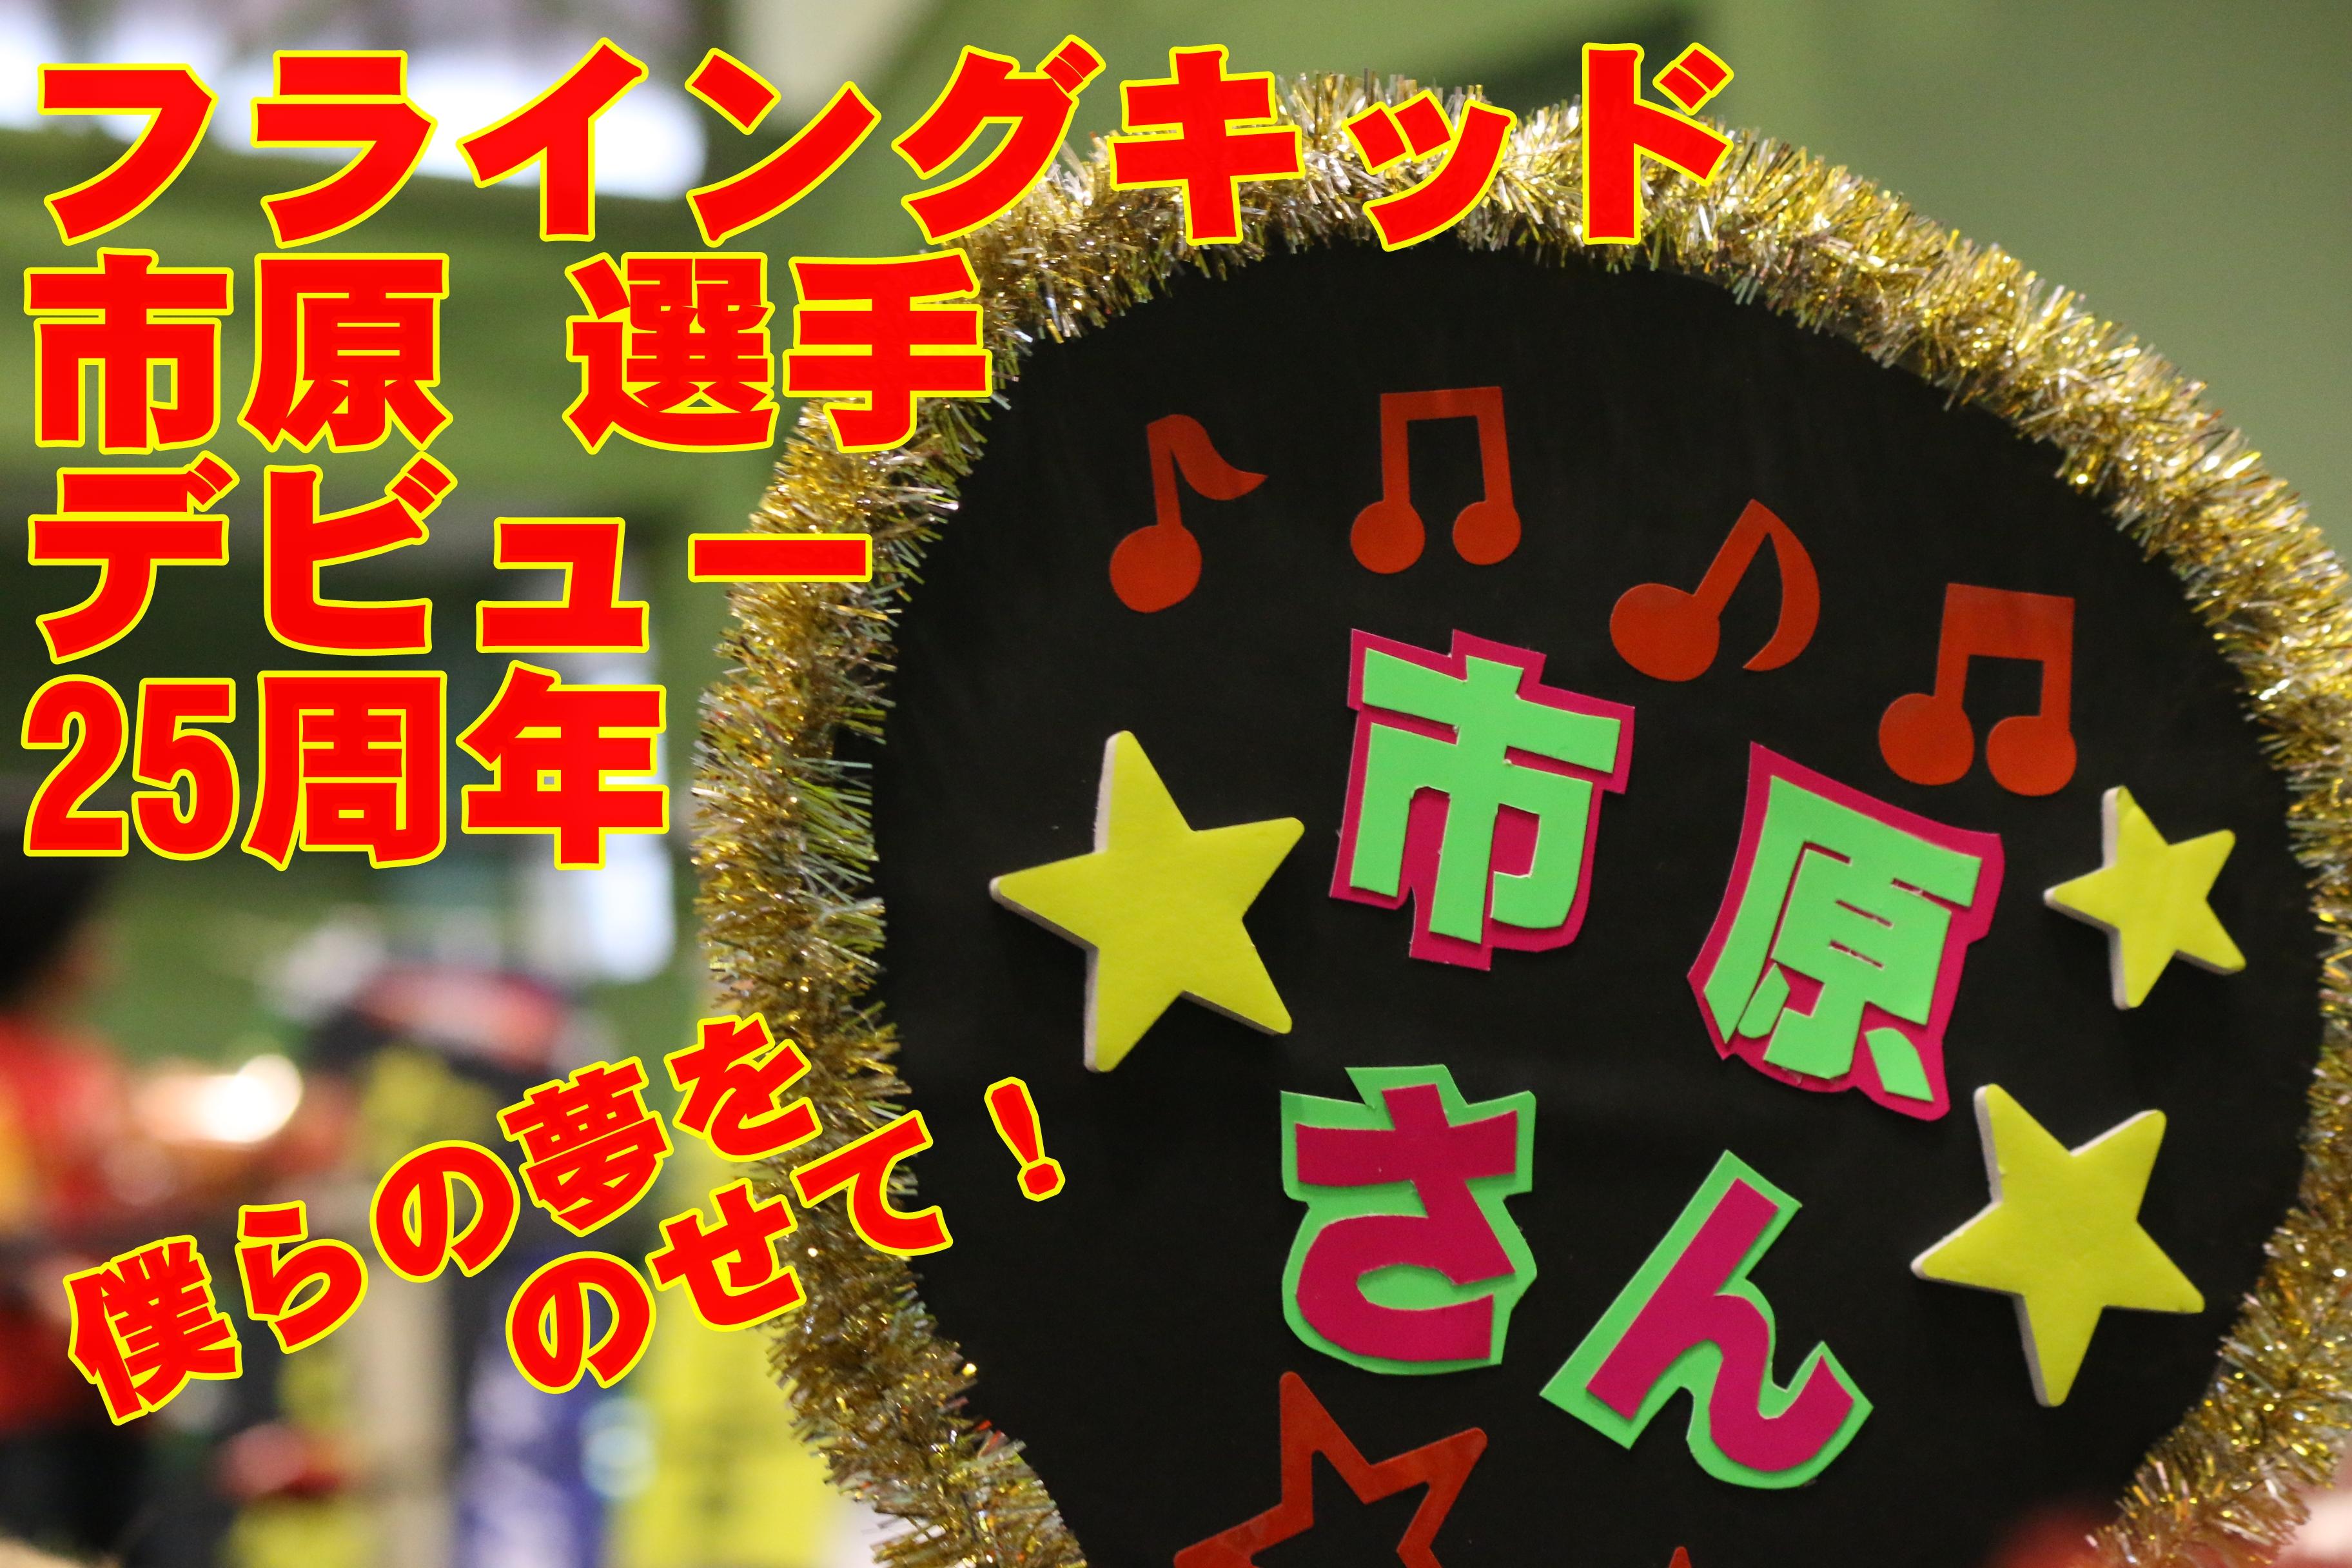 フライングキッド市原選手デビュー25周年記念試合をレポート!